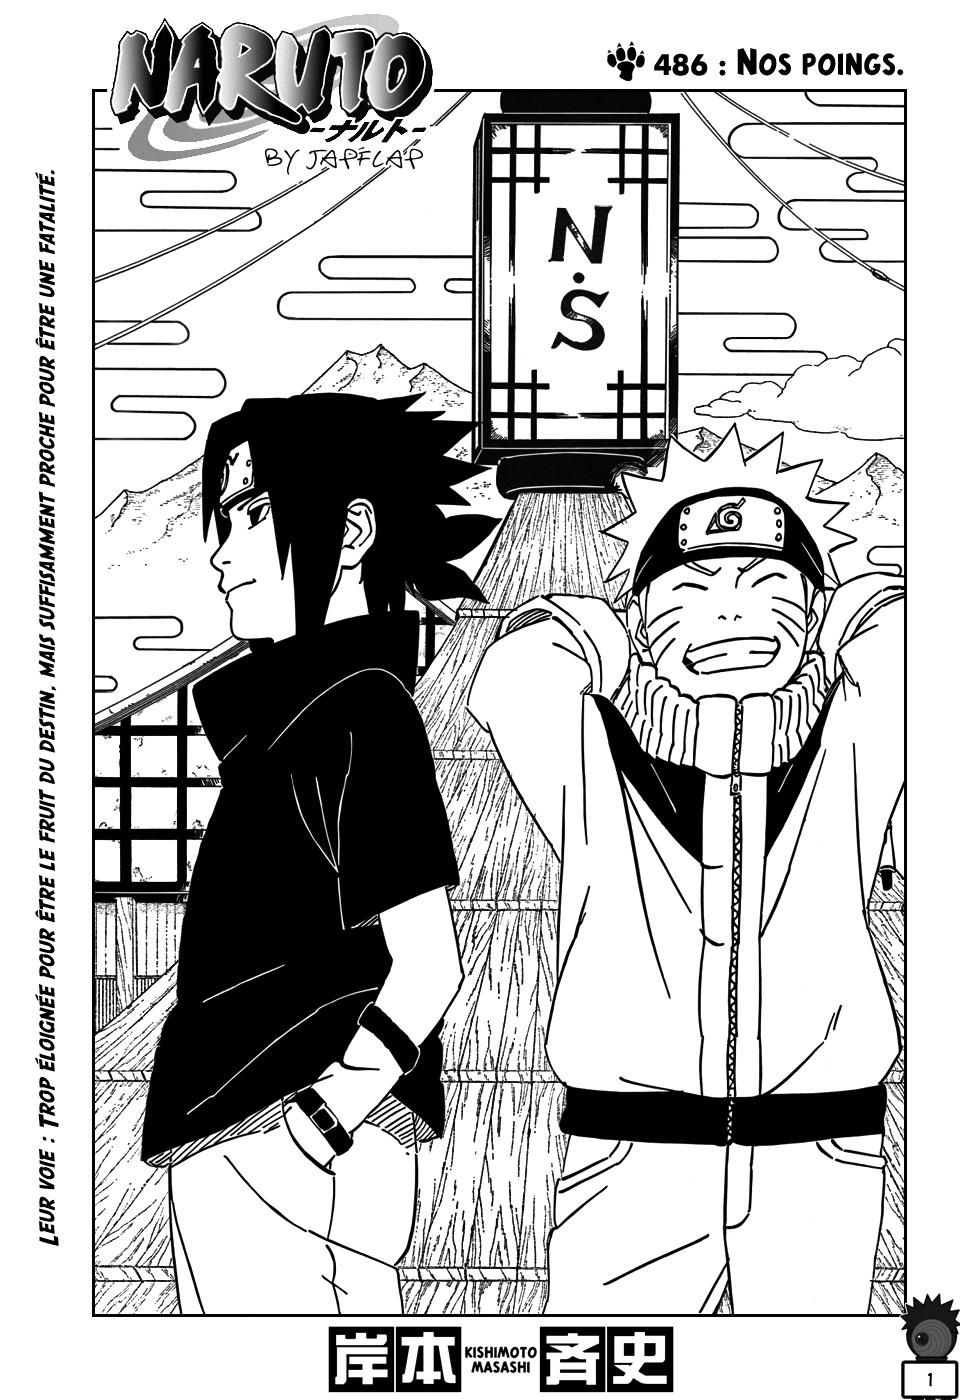 Naruto chapitre 486 - Page 1